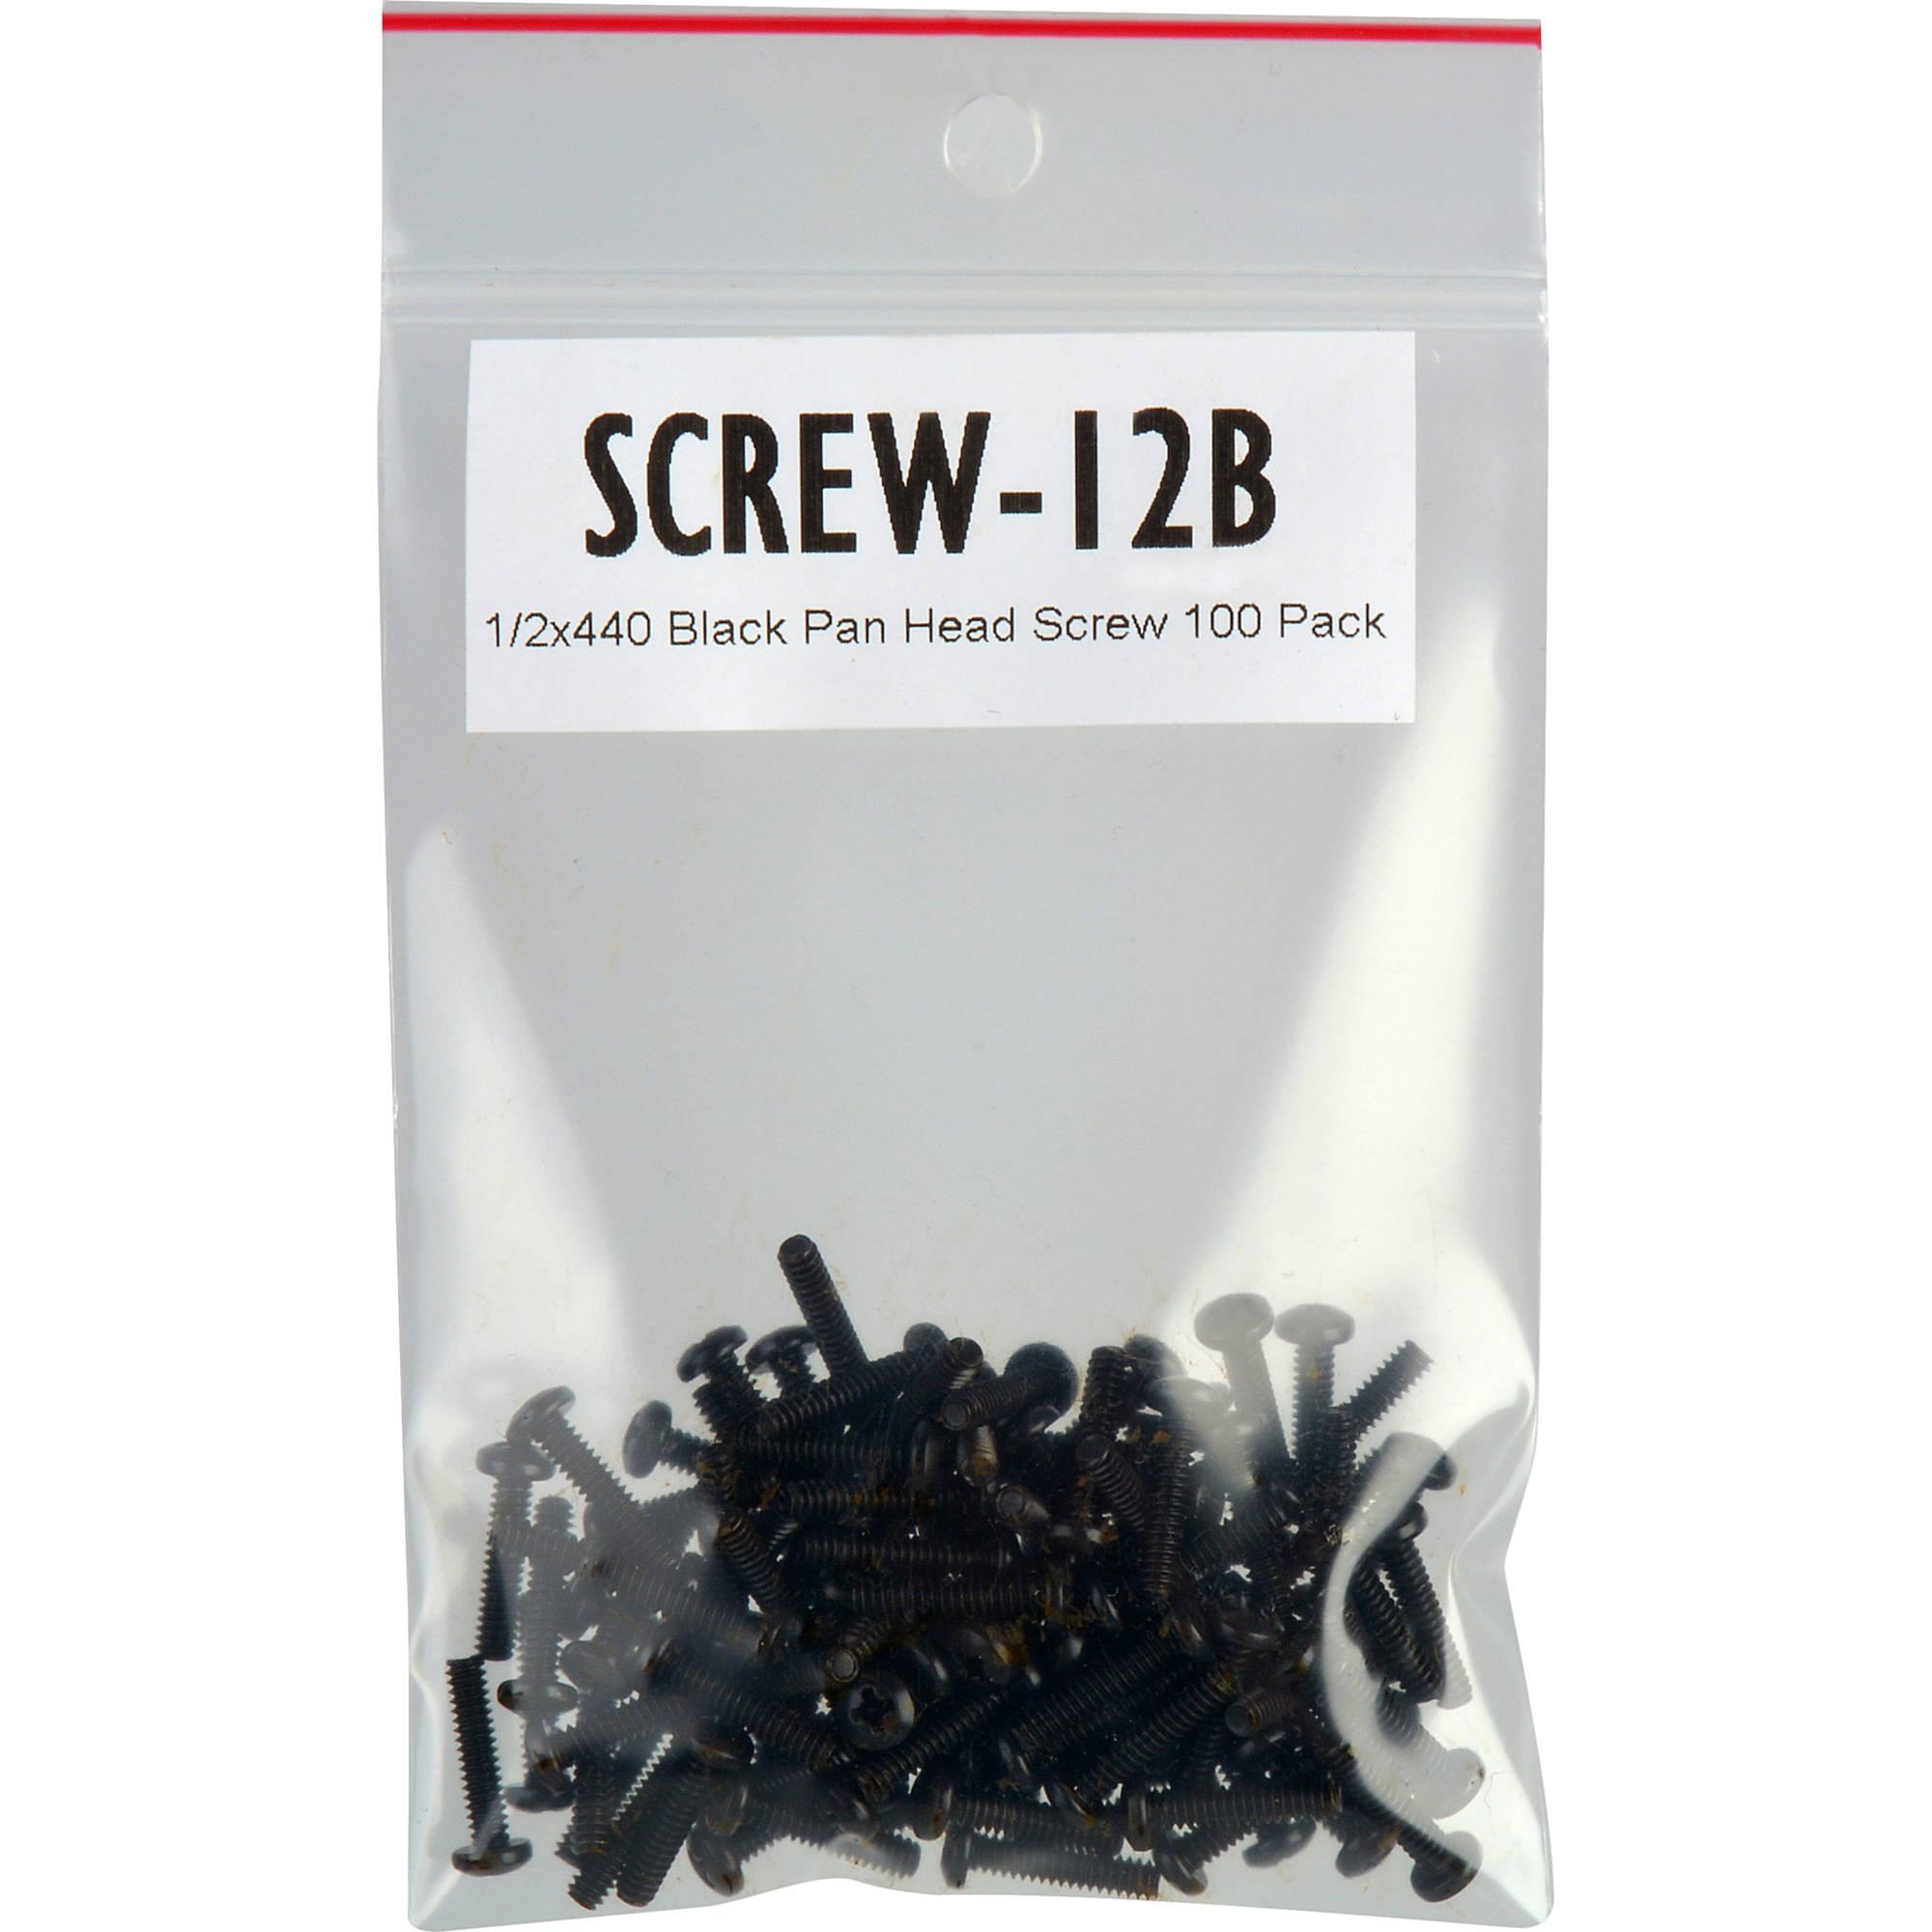 tecnec screw 12b 4 40 x 1 2 pan